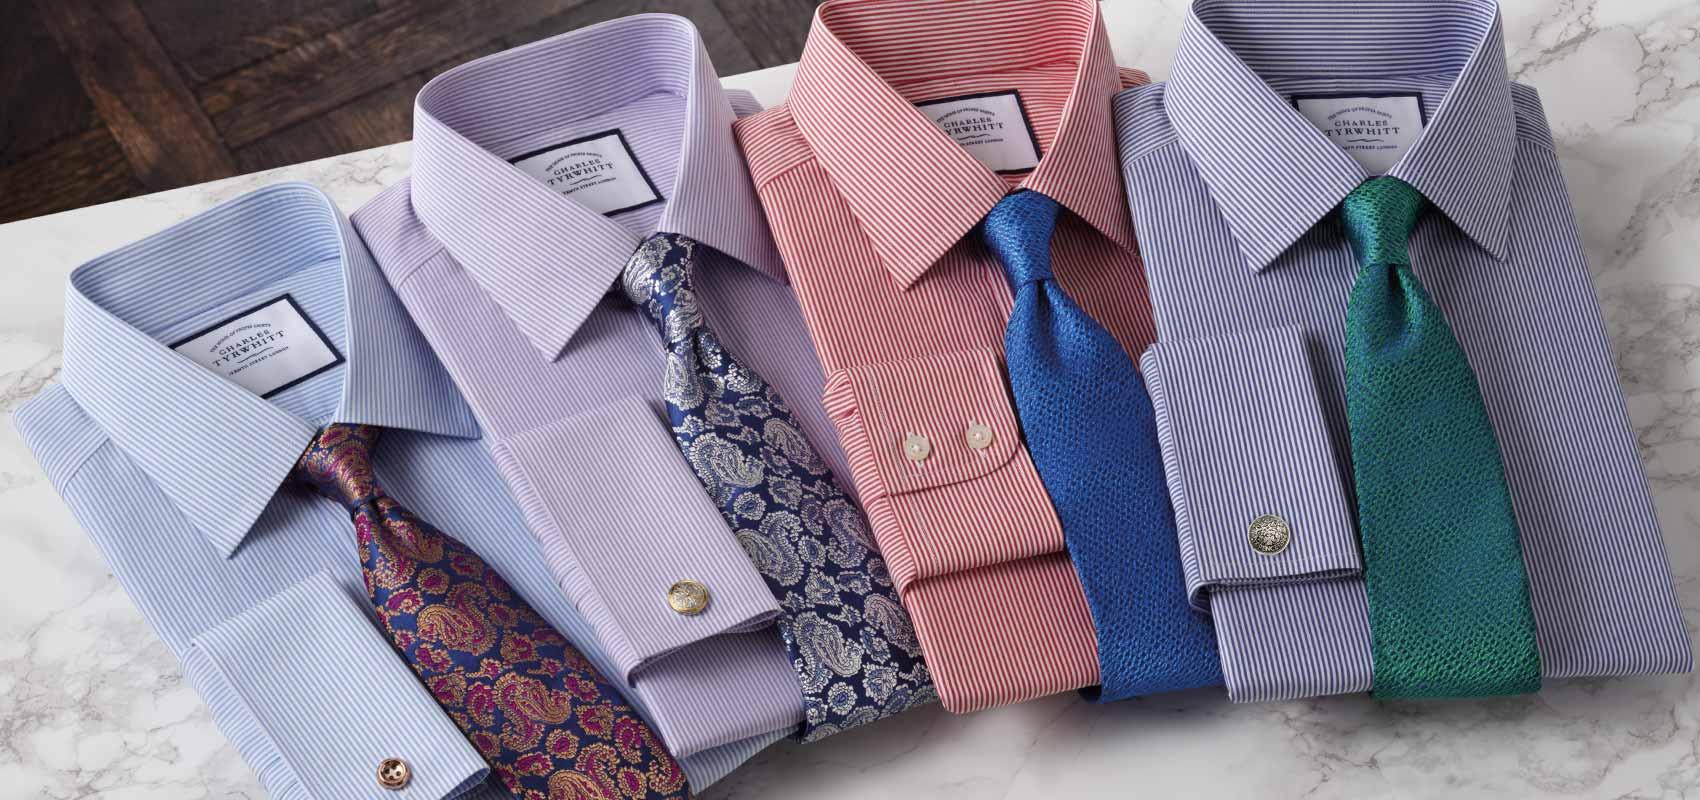 Bengal stripe shirts